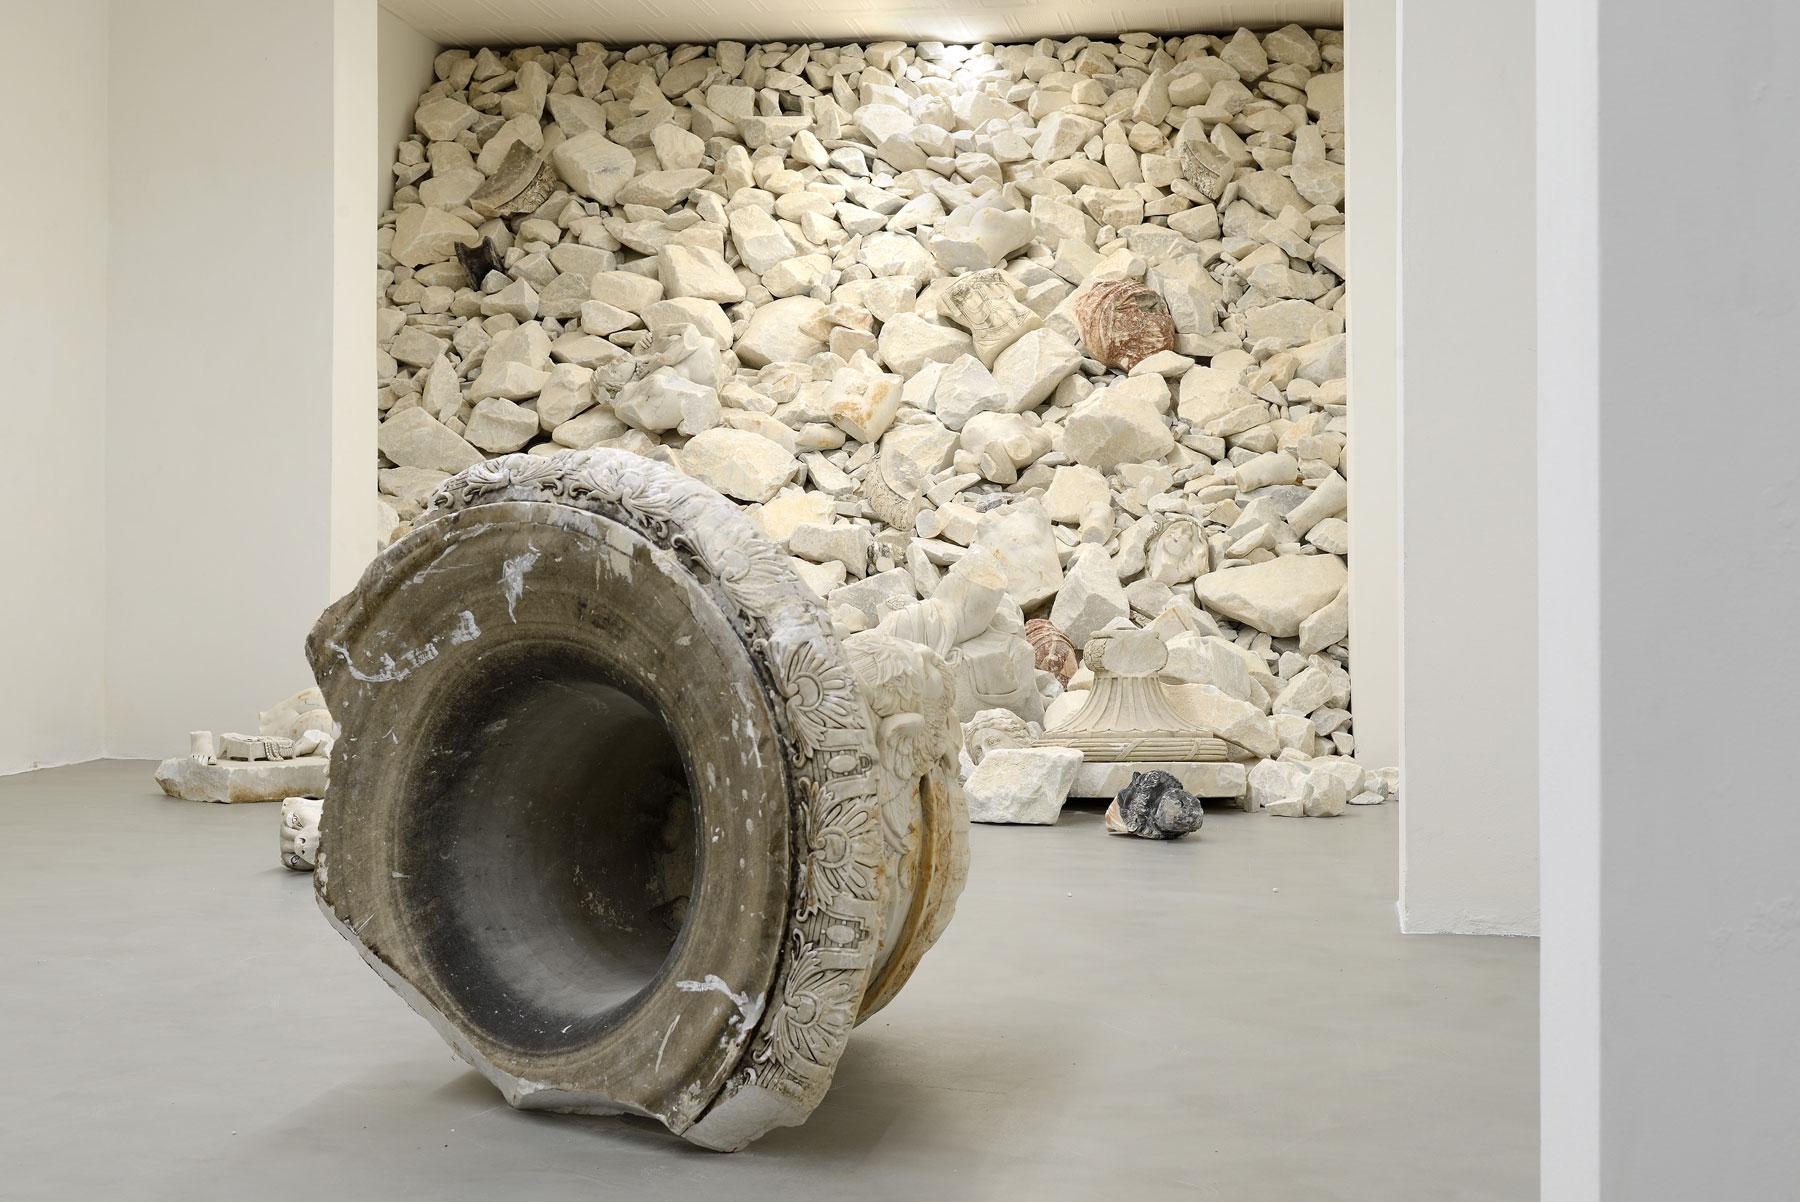 Acqua alta: Fabio Viale riflette sul dramma di Venezia e sullo scorrere del tempo con le sue opere in marmo